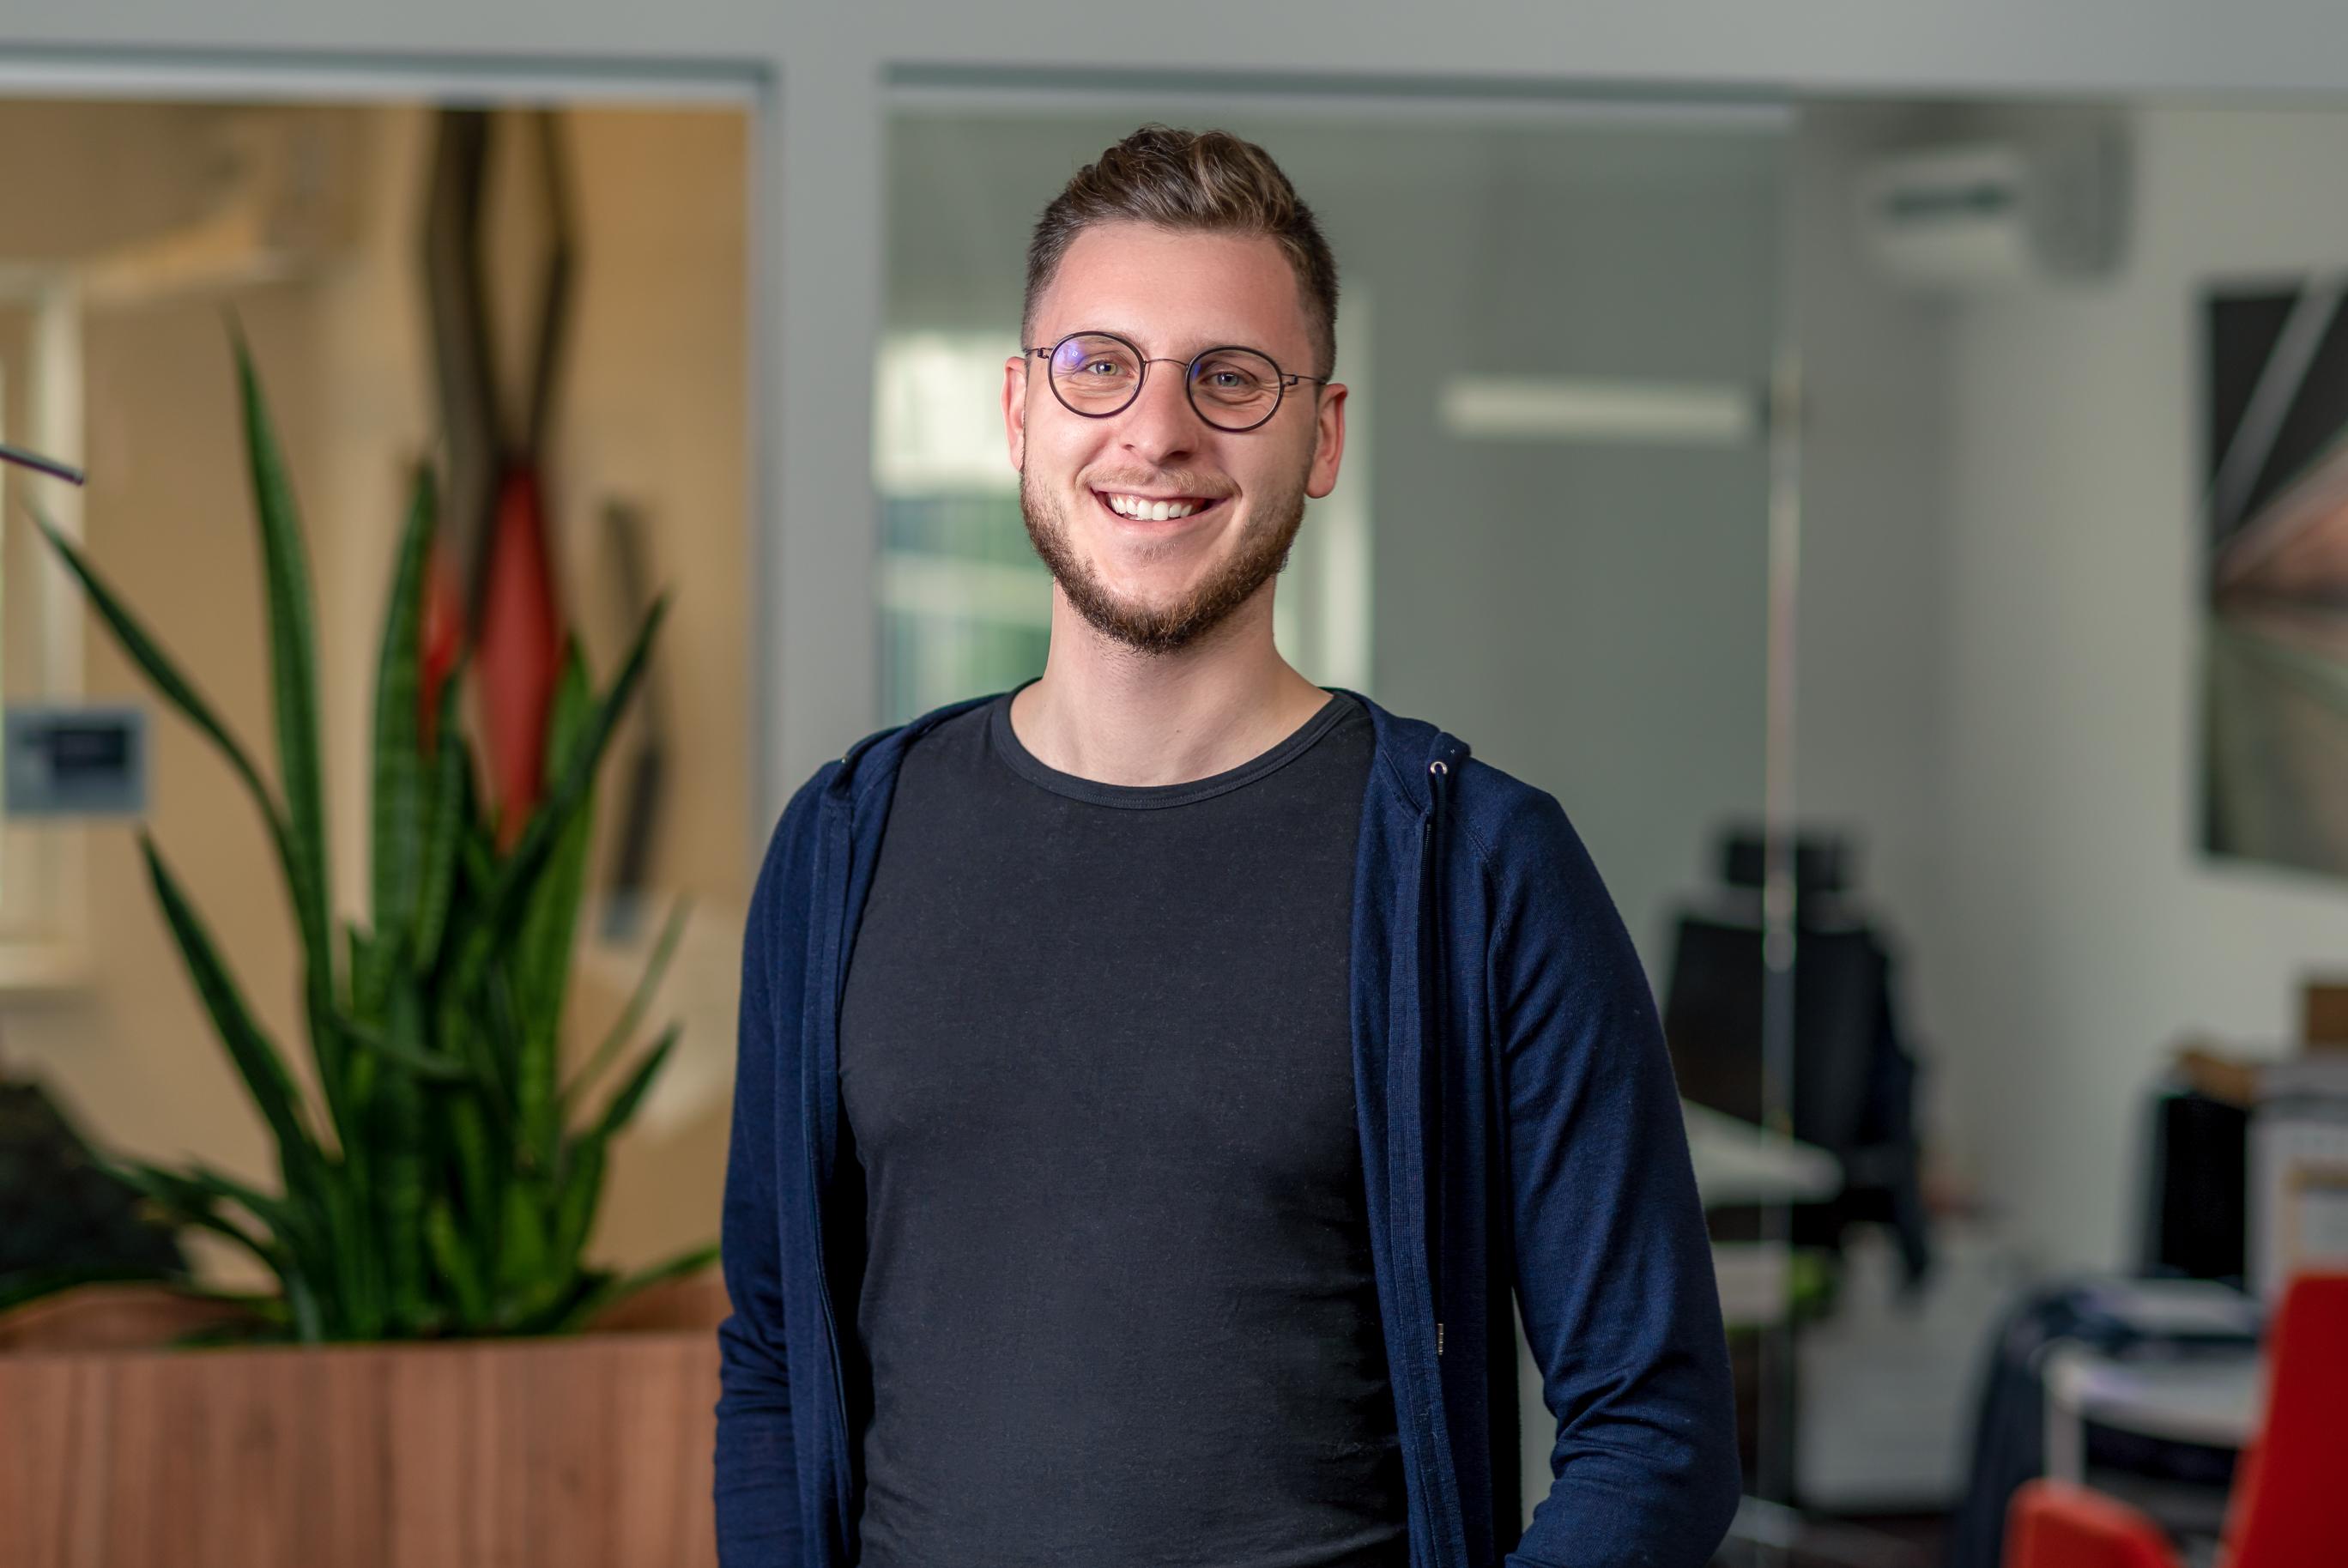 Lietuvių startuolis Whatagraph įsisavino 1.45 mln. Eur investiciją